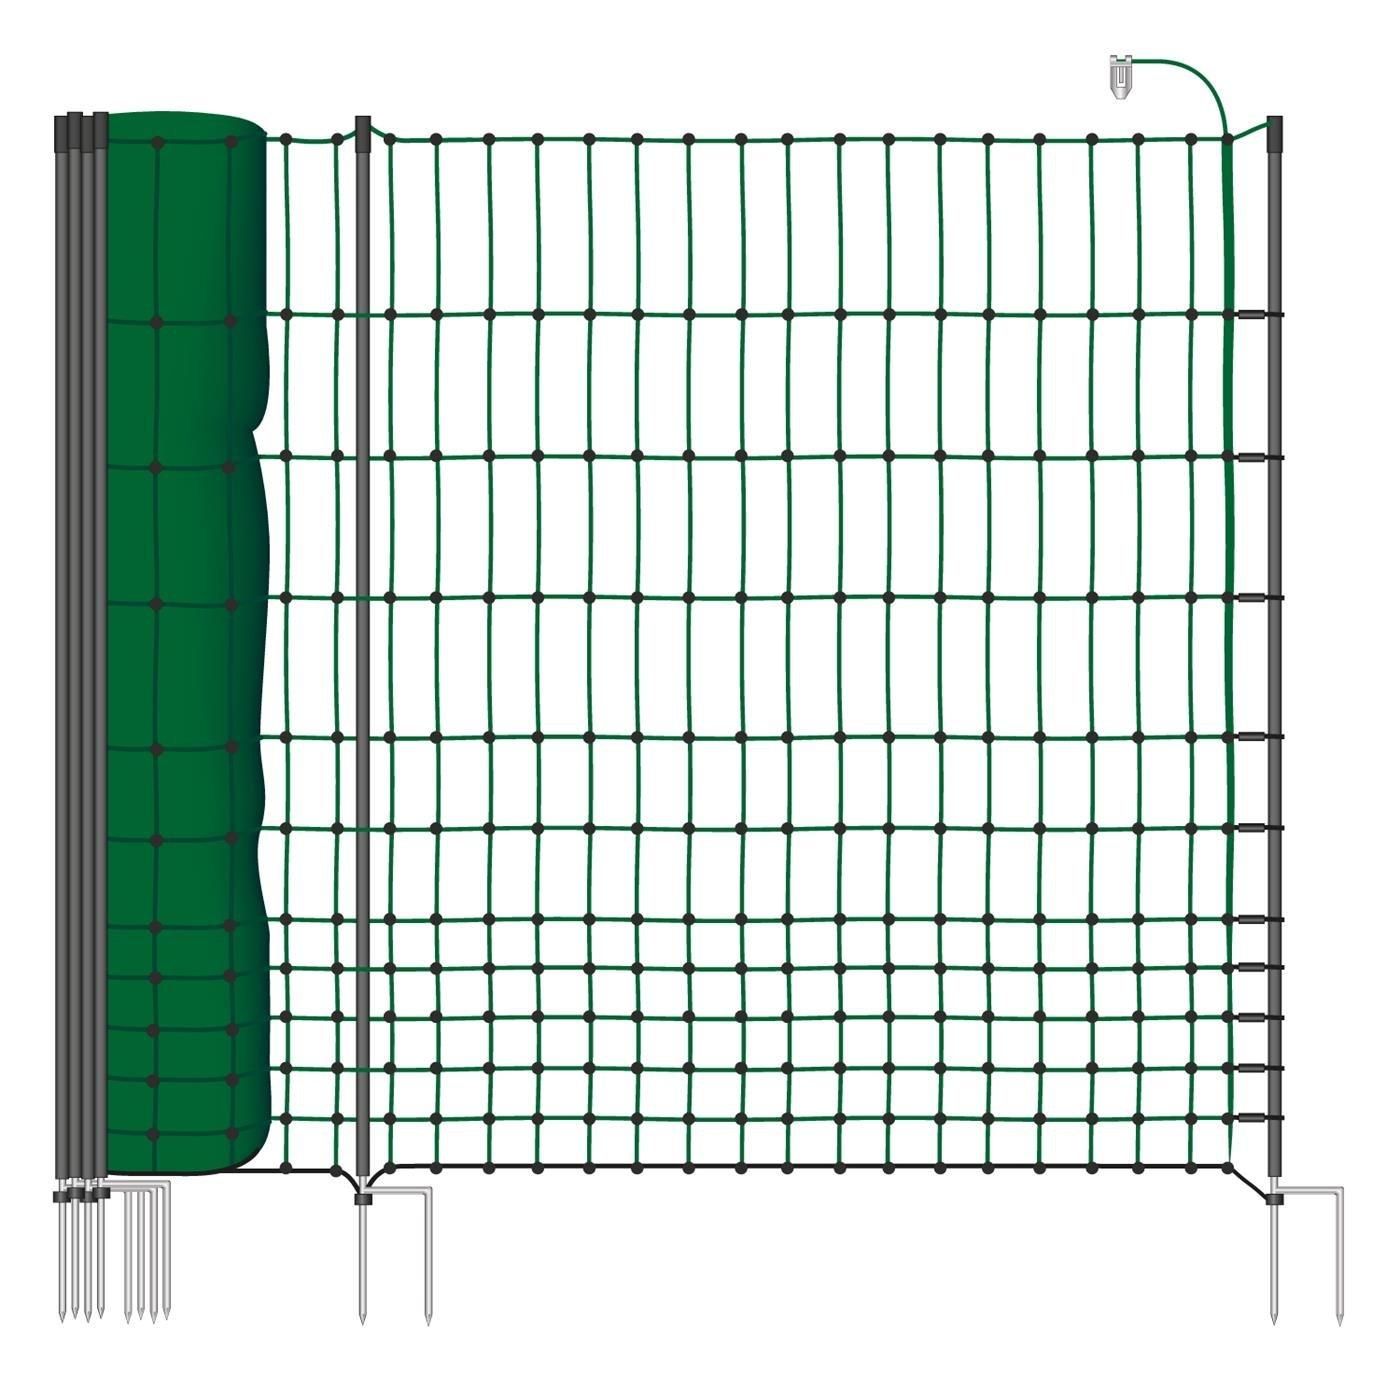 50 m Hühnerzaun, Geflügelzaun, Geflügelnetz, Kleintiernetz, 112 cm, 20 Pfähle, 2 Spitzen, grün von VOSS.farming farmNET